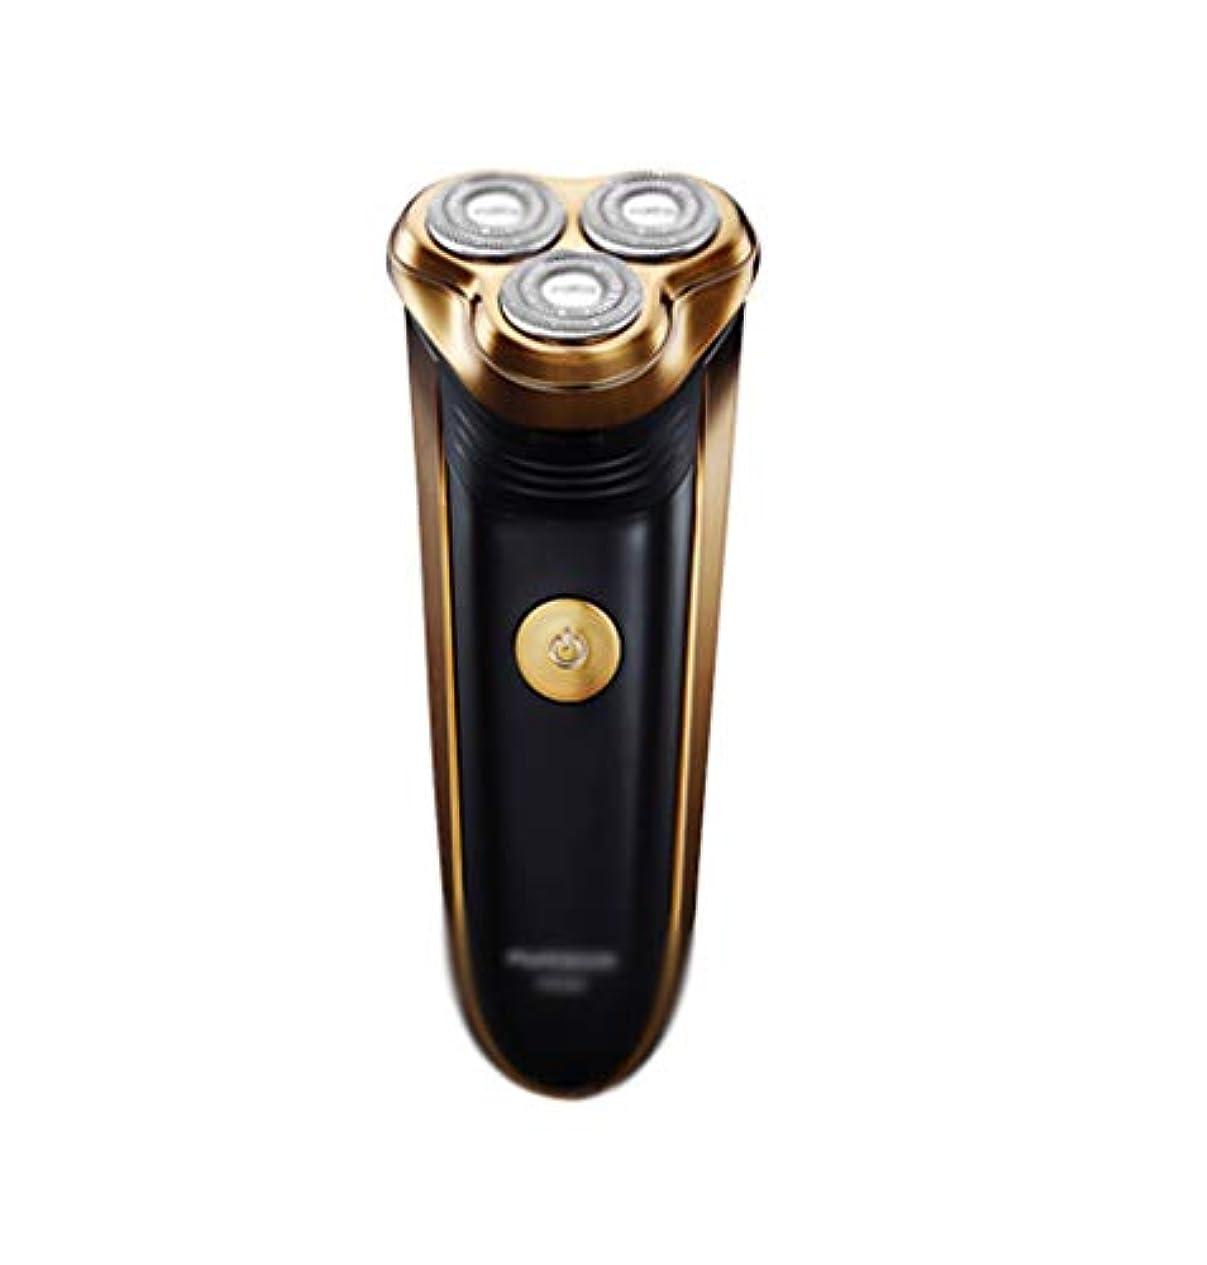 医師自信があるフォアタイプNKDK - シェーバー シェーバー - ホームファッションかみそりパーソナリティかみそり電気かみそり充電式耐久性カミソリ - シェーバー